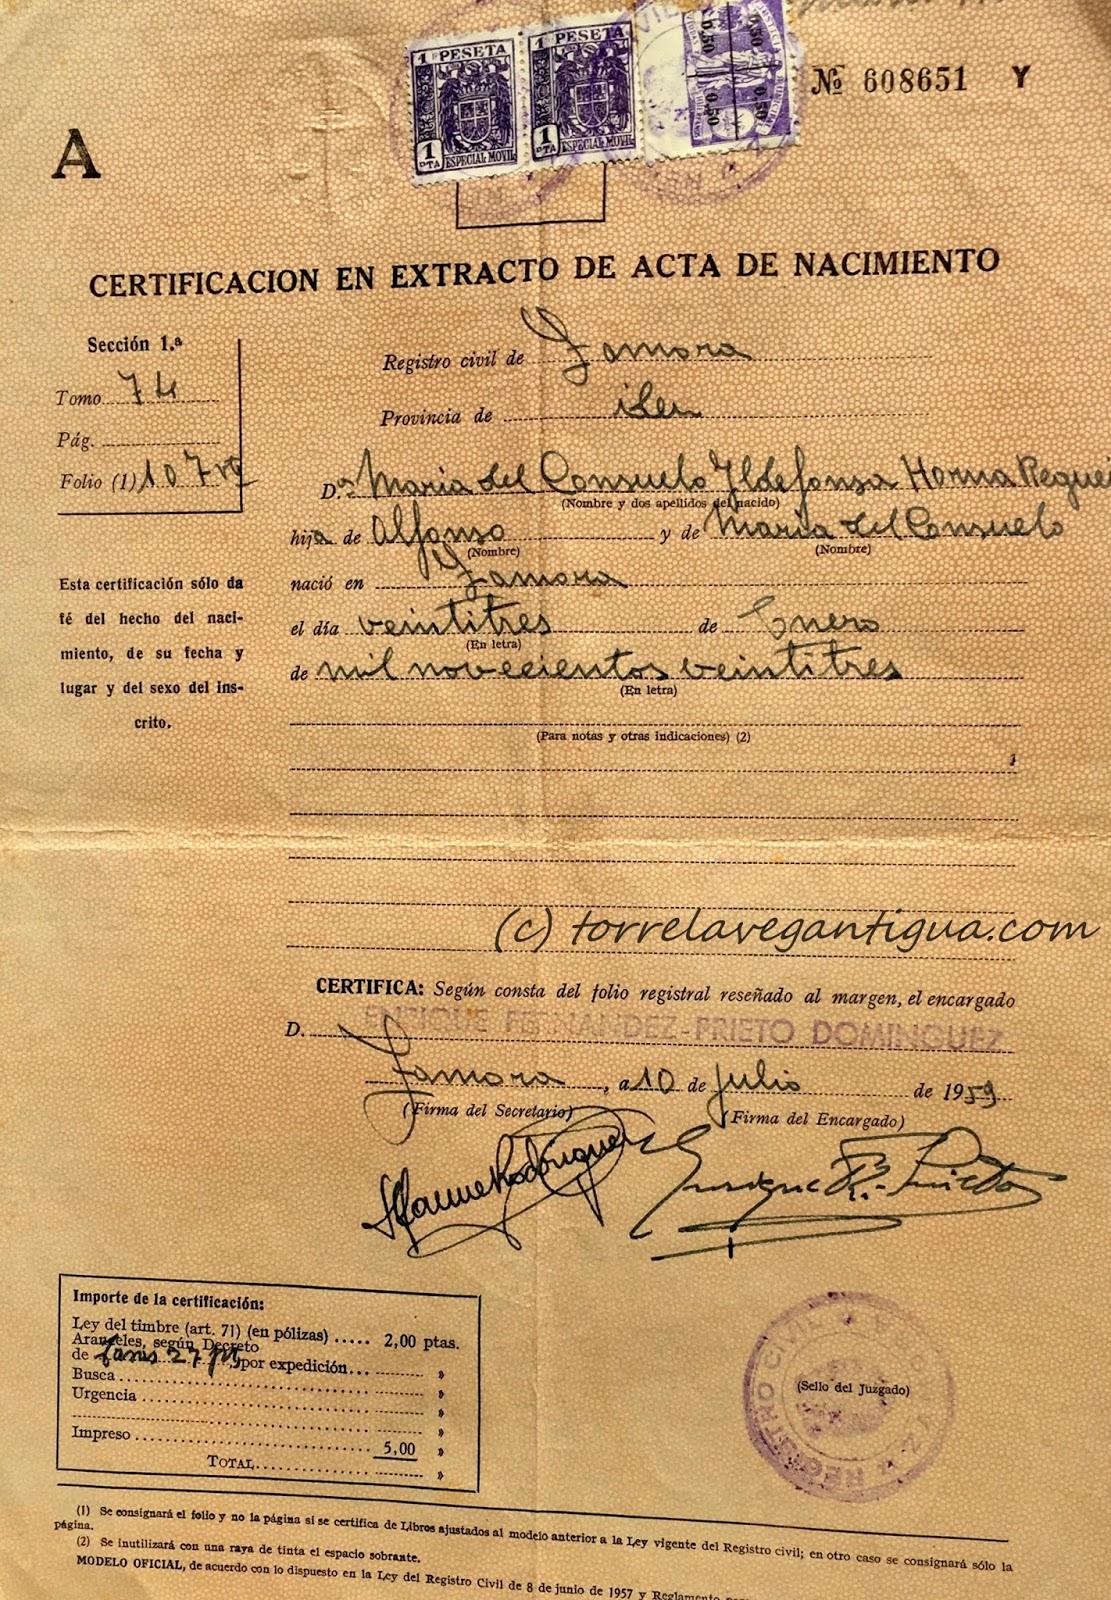 TorrelavegAntigua: Antonio Ceballos Martínez (1887-1969), farmaceutico